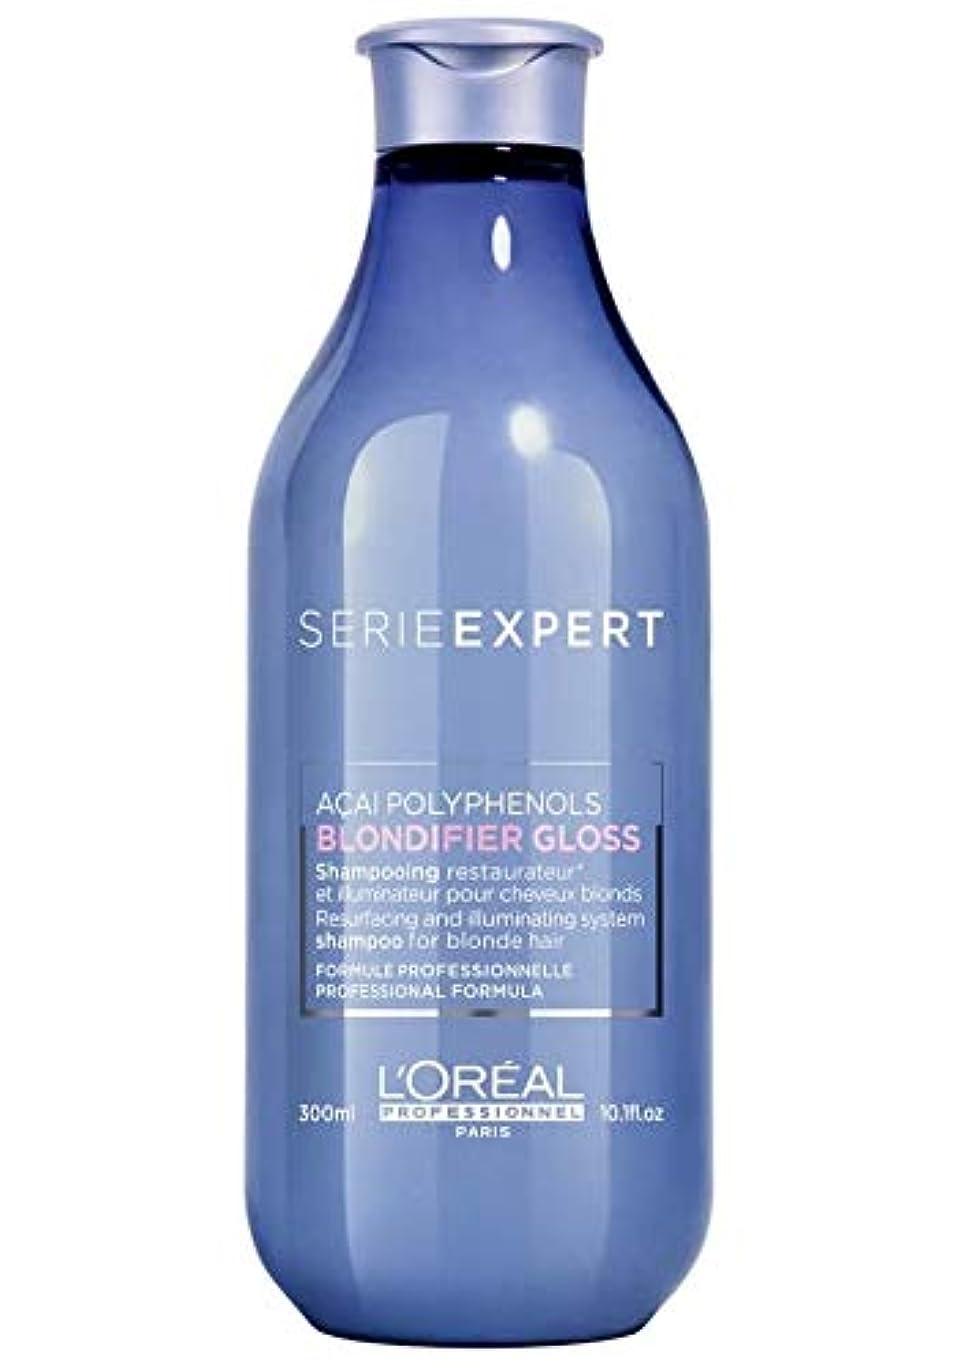 ロレアル セリエ エクスパート ブロンディファイア グロス シャンプー L'Oreal Serie Expert Blondifier Gloss Shampoo 300 ml [並行輸入品]